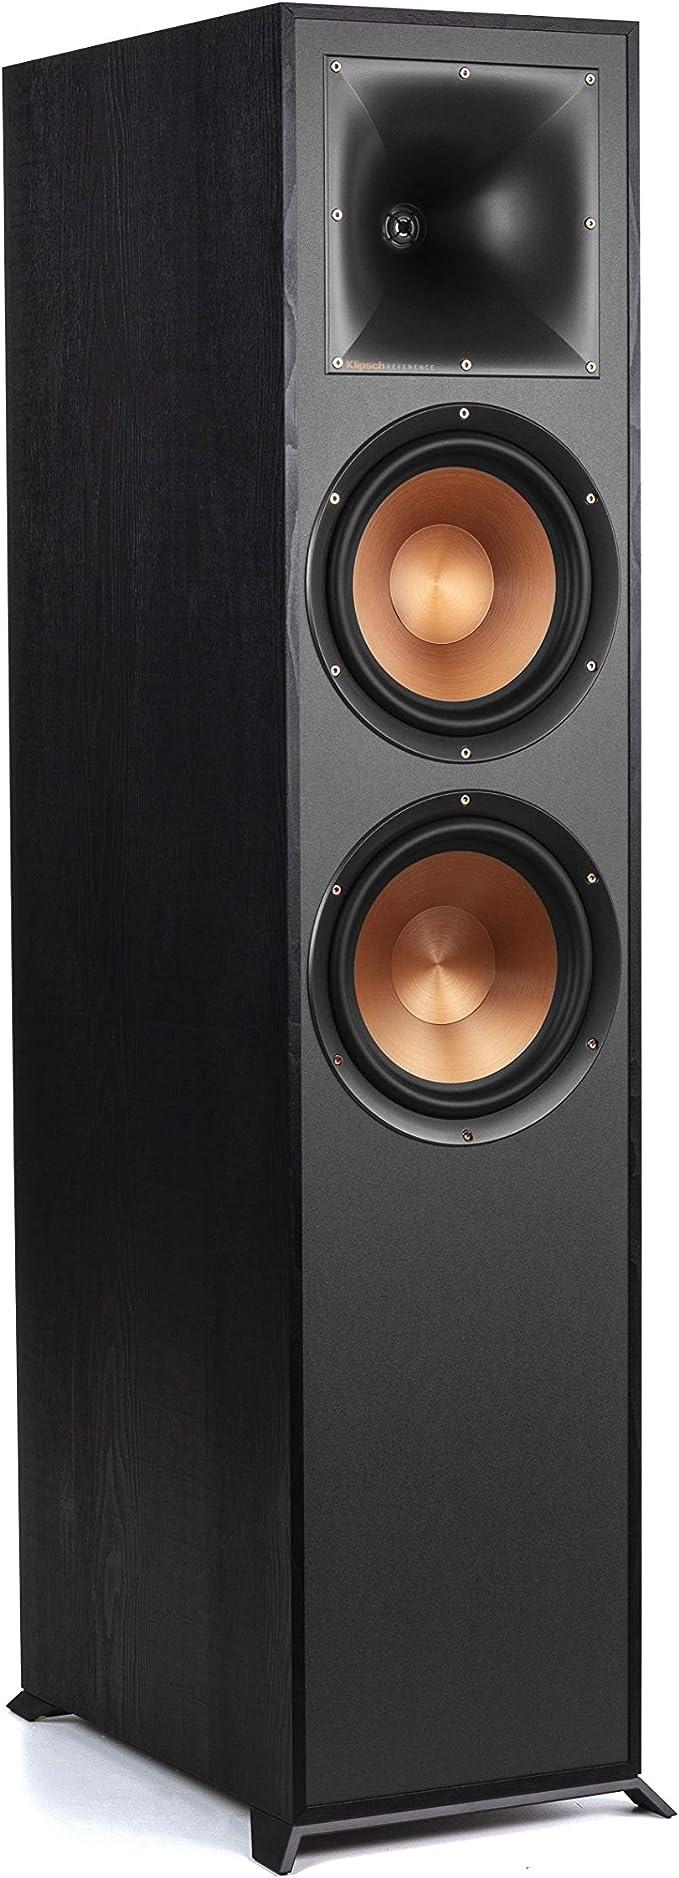 Klipsch R-820f Big Floor Standing Speakers